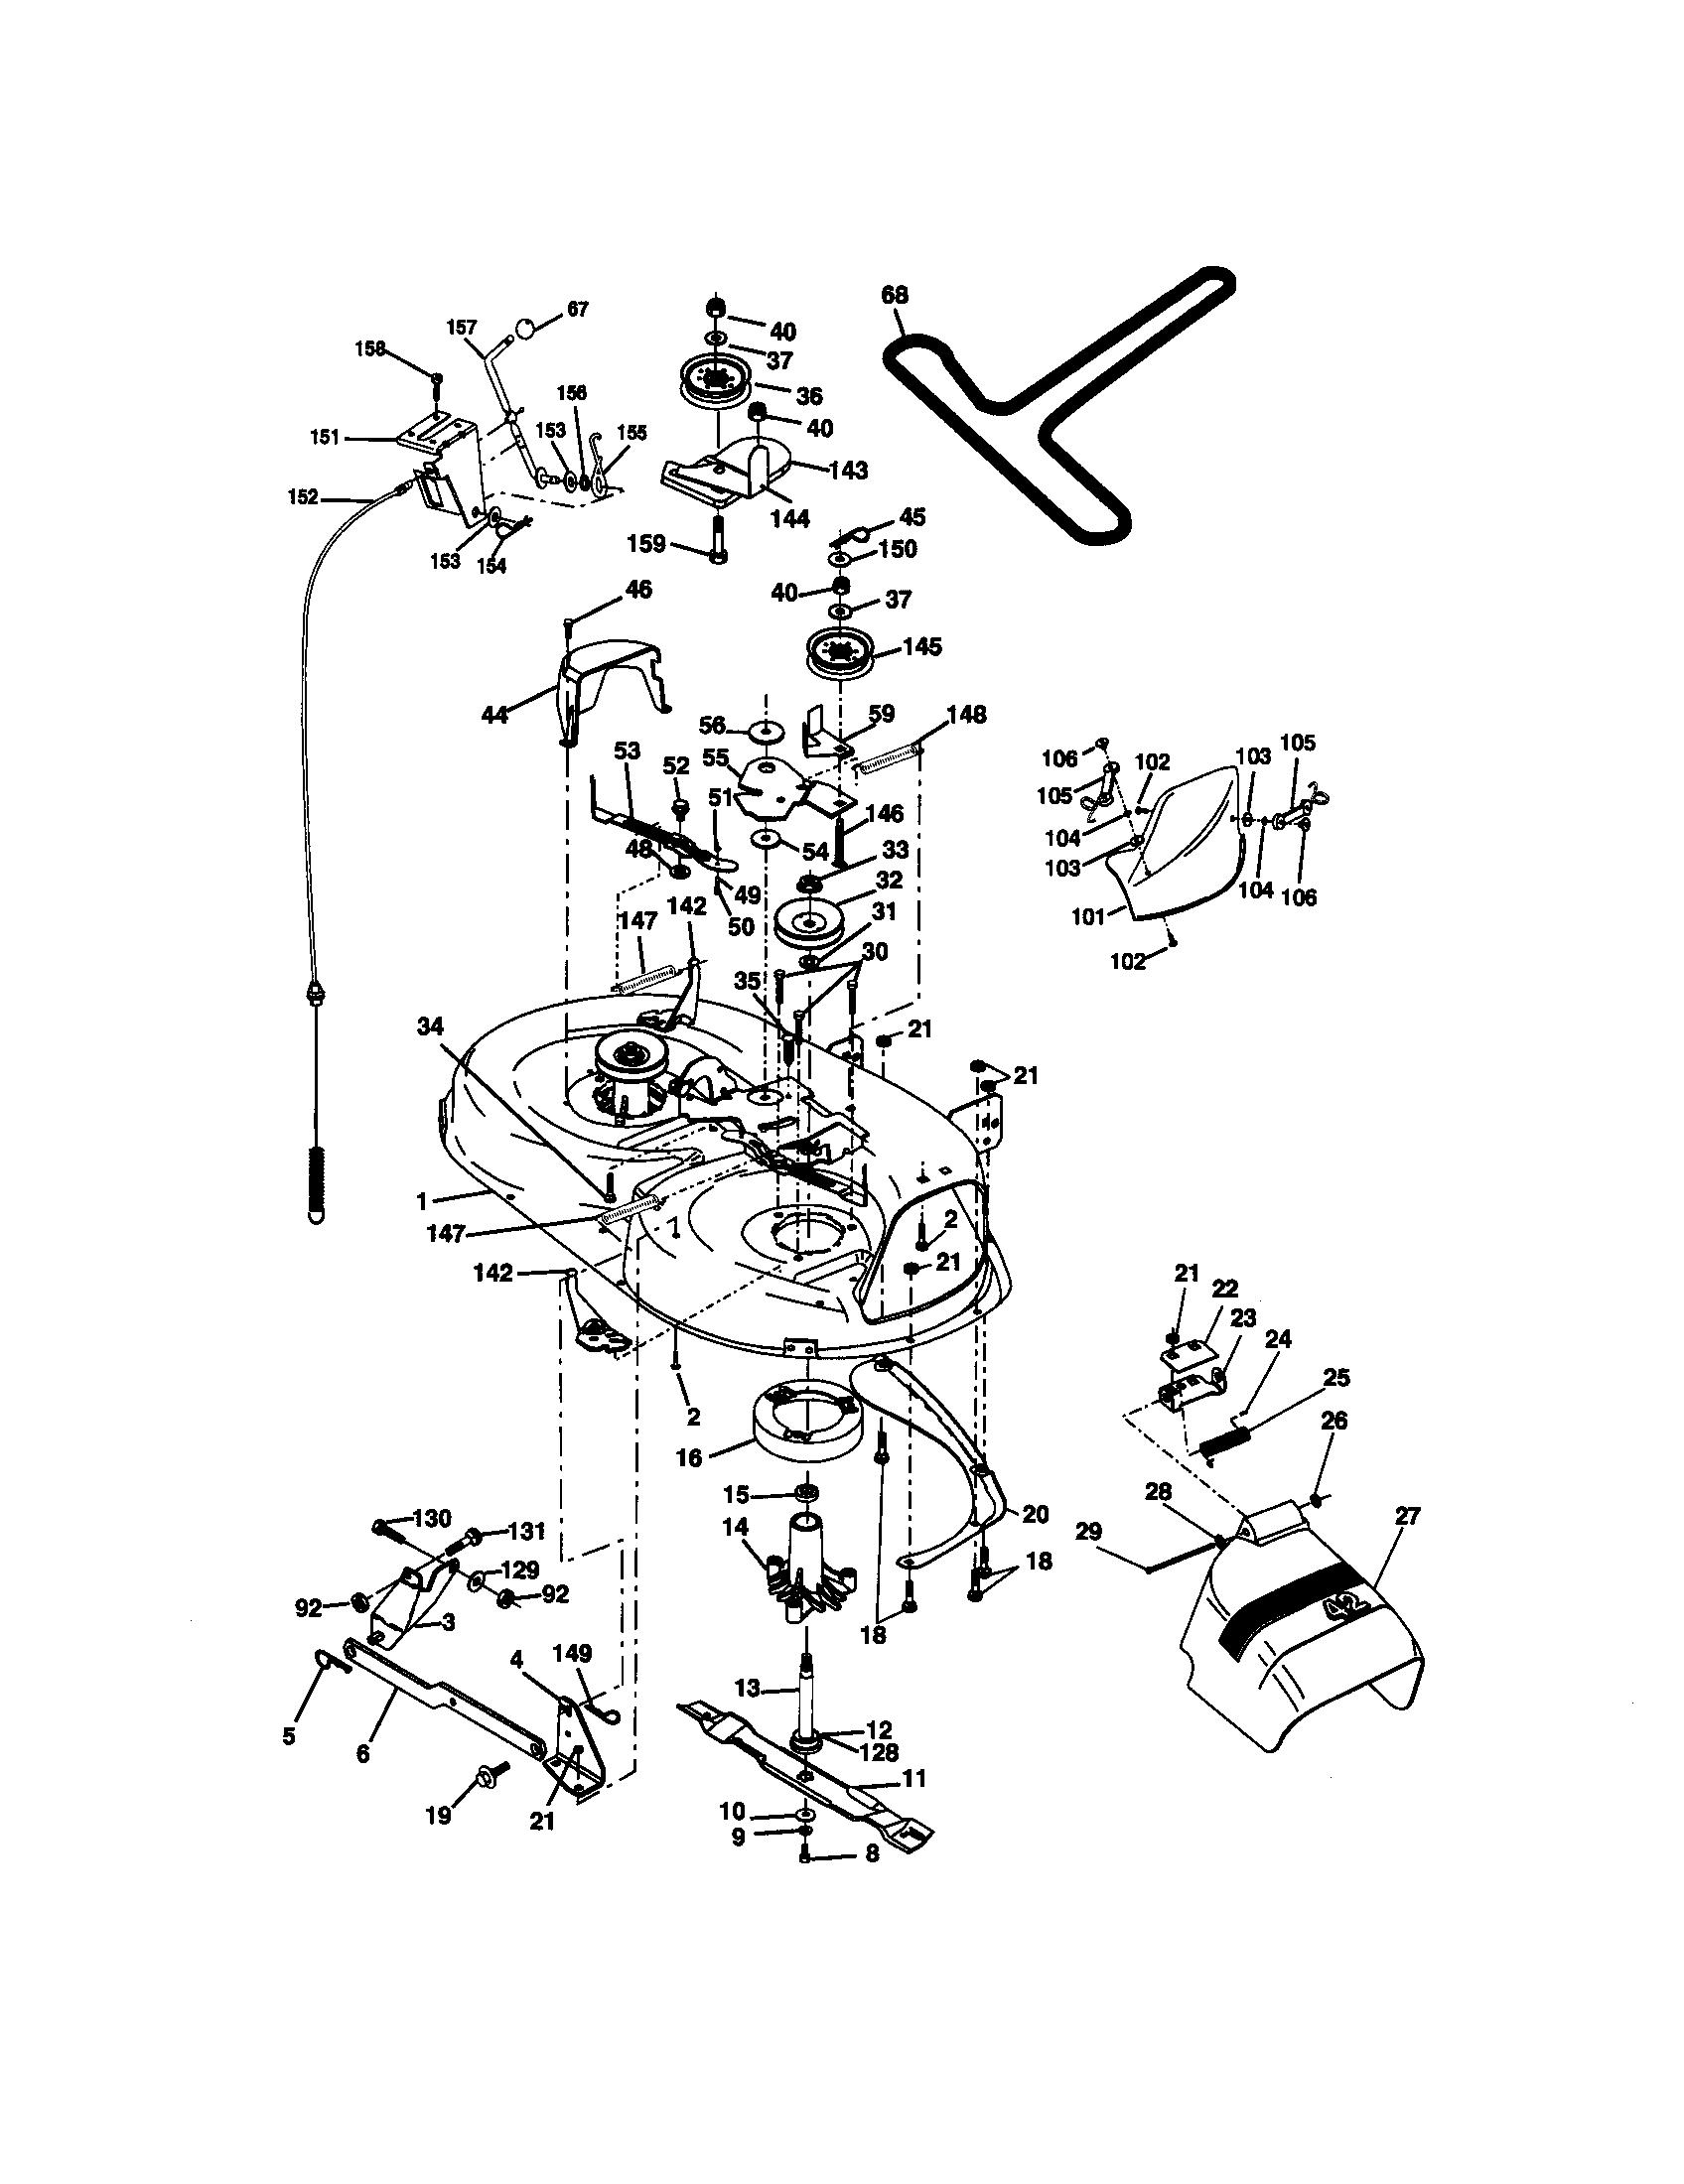 medium resolution of wiring diagram for lt1000